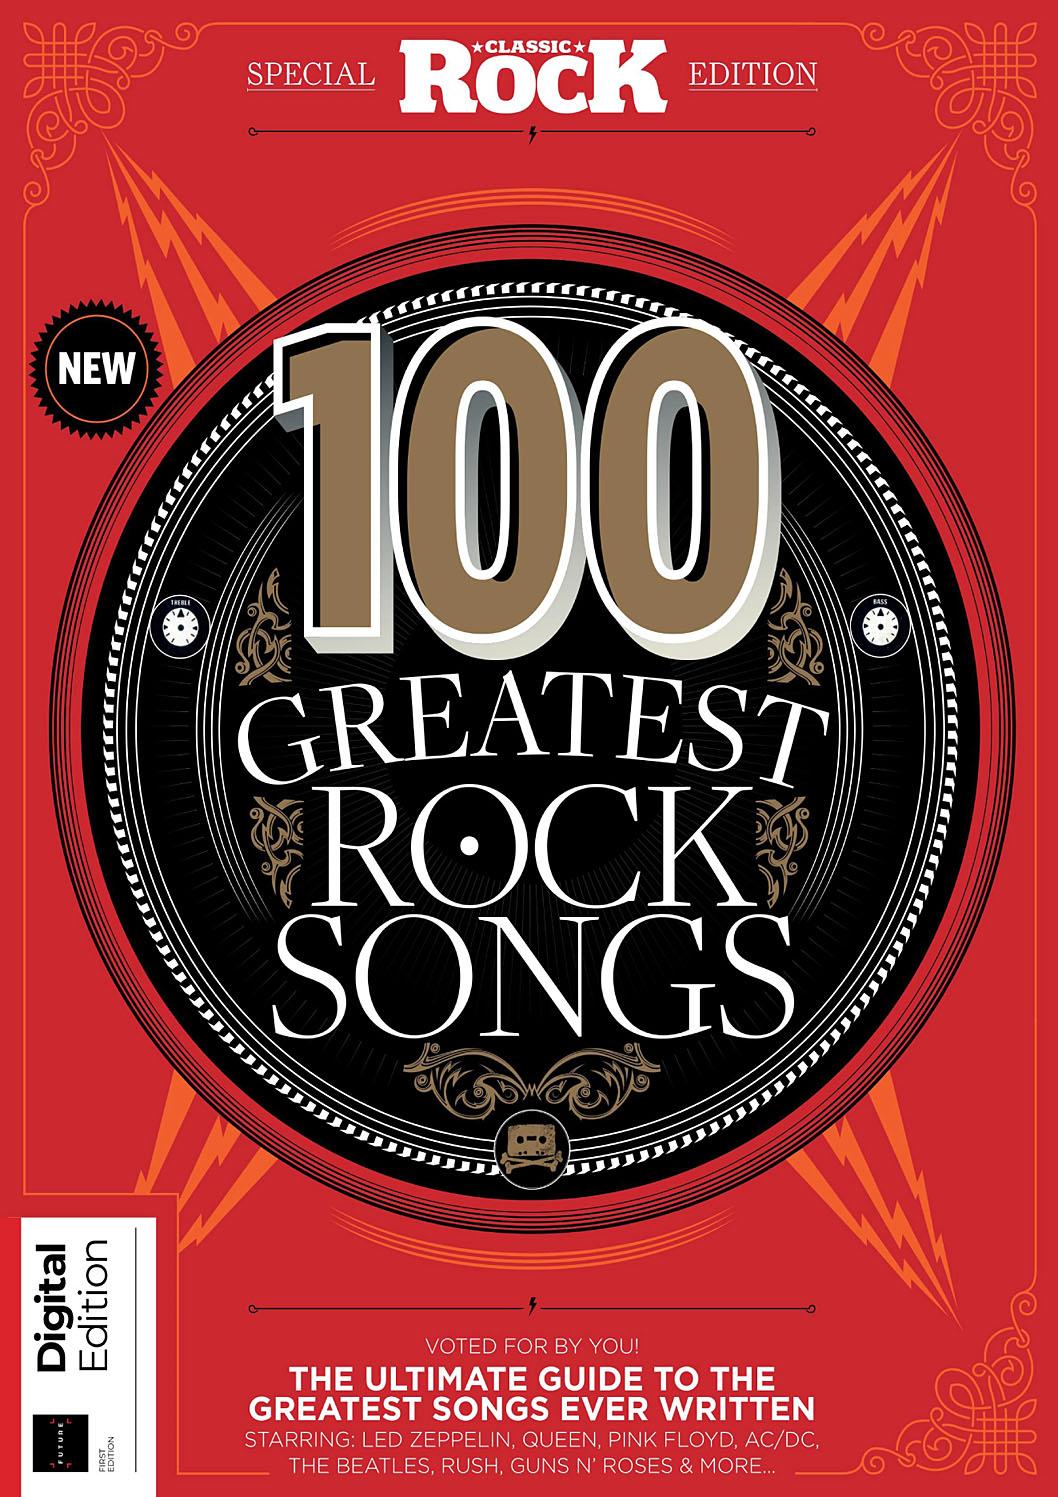 Classic Rock UK Sp - Greatest Rock Songs 1st Ed 2020.jpg